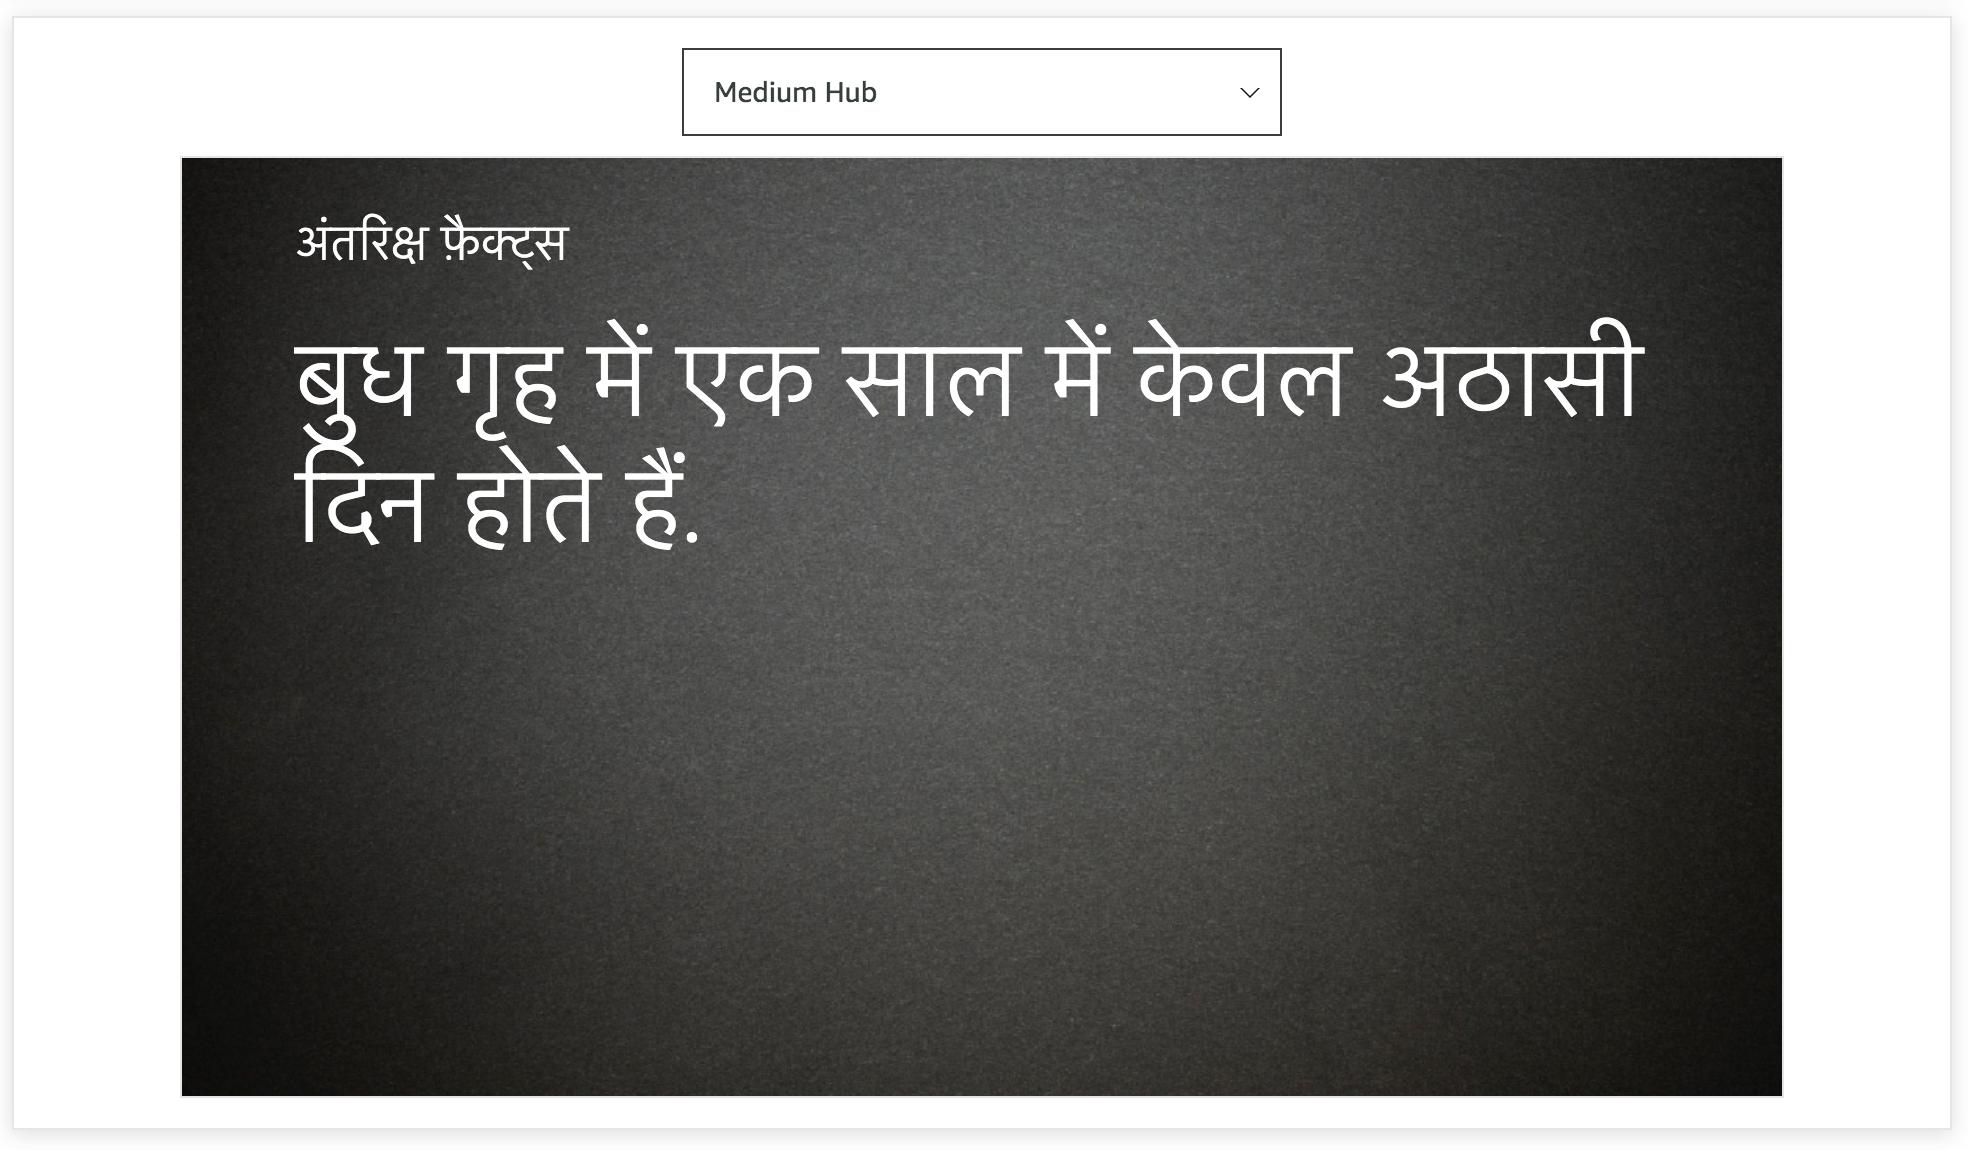 ヒンディー語コンテンツを表示している画面付きデバイス